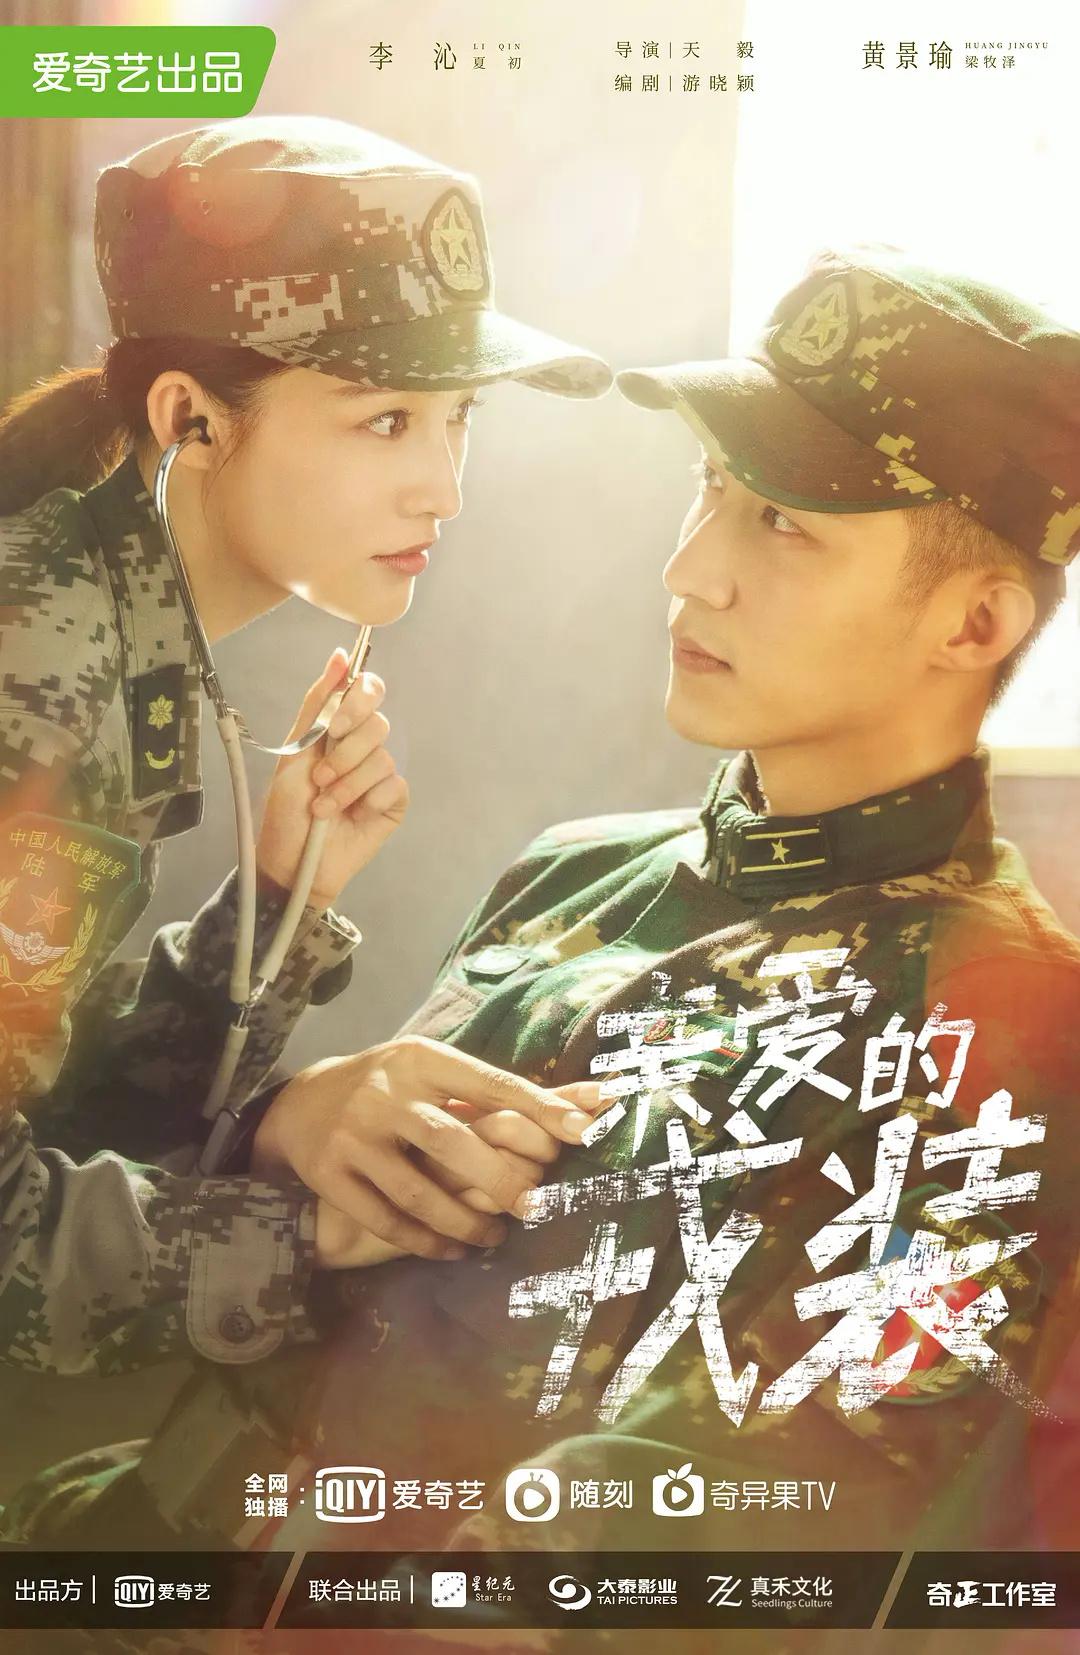 《亲爱的戎装》12月要播出了?感觉李沁和黄景瑜最近好多戏播出啊!